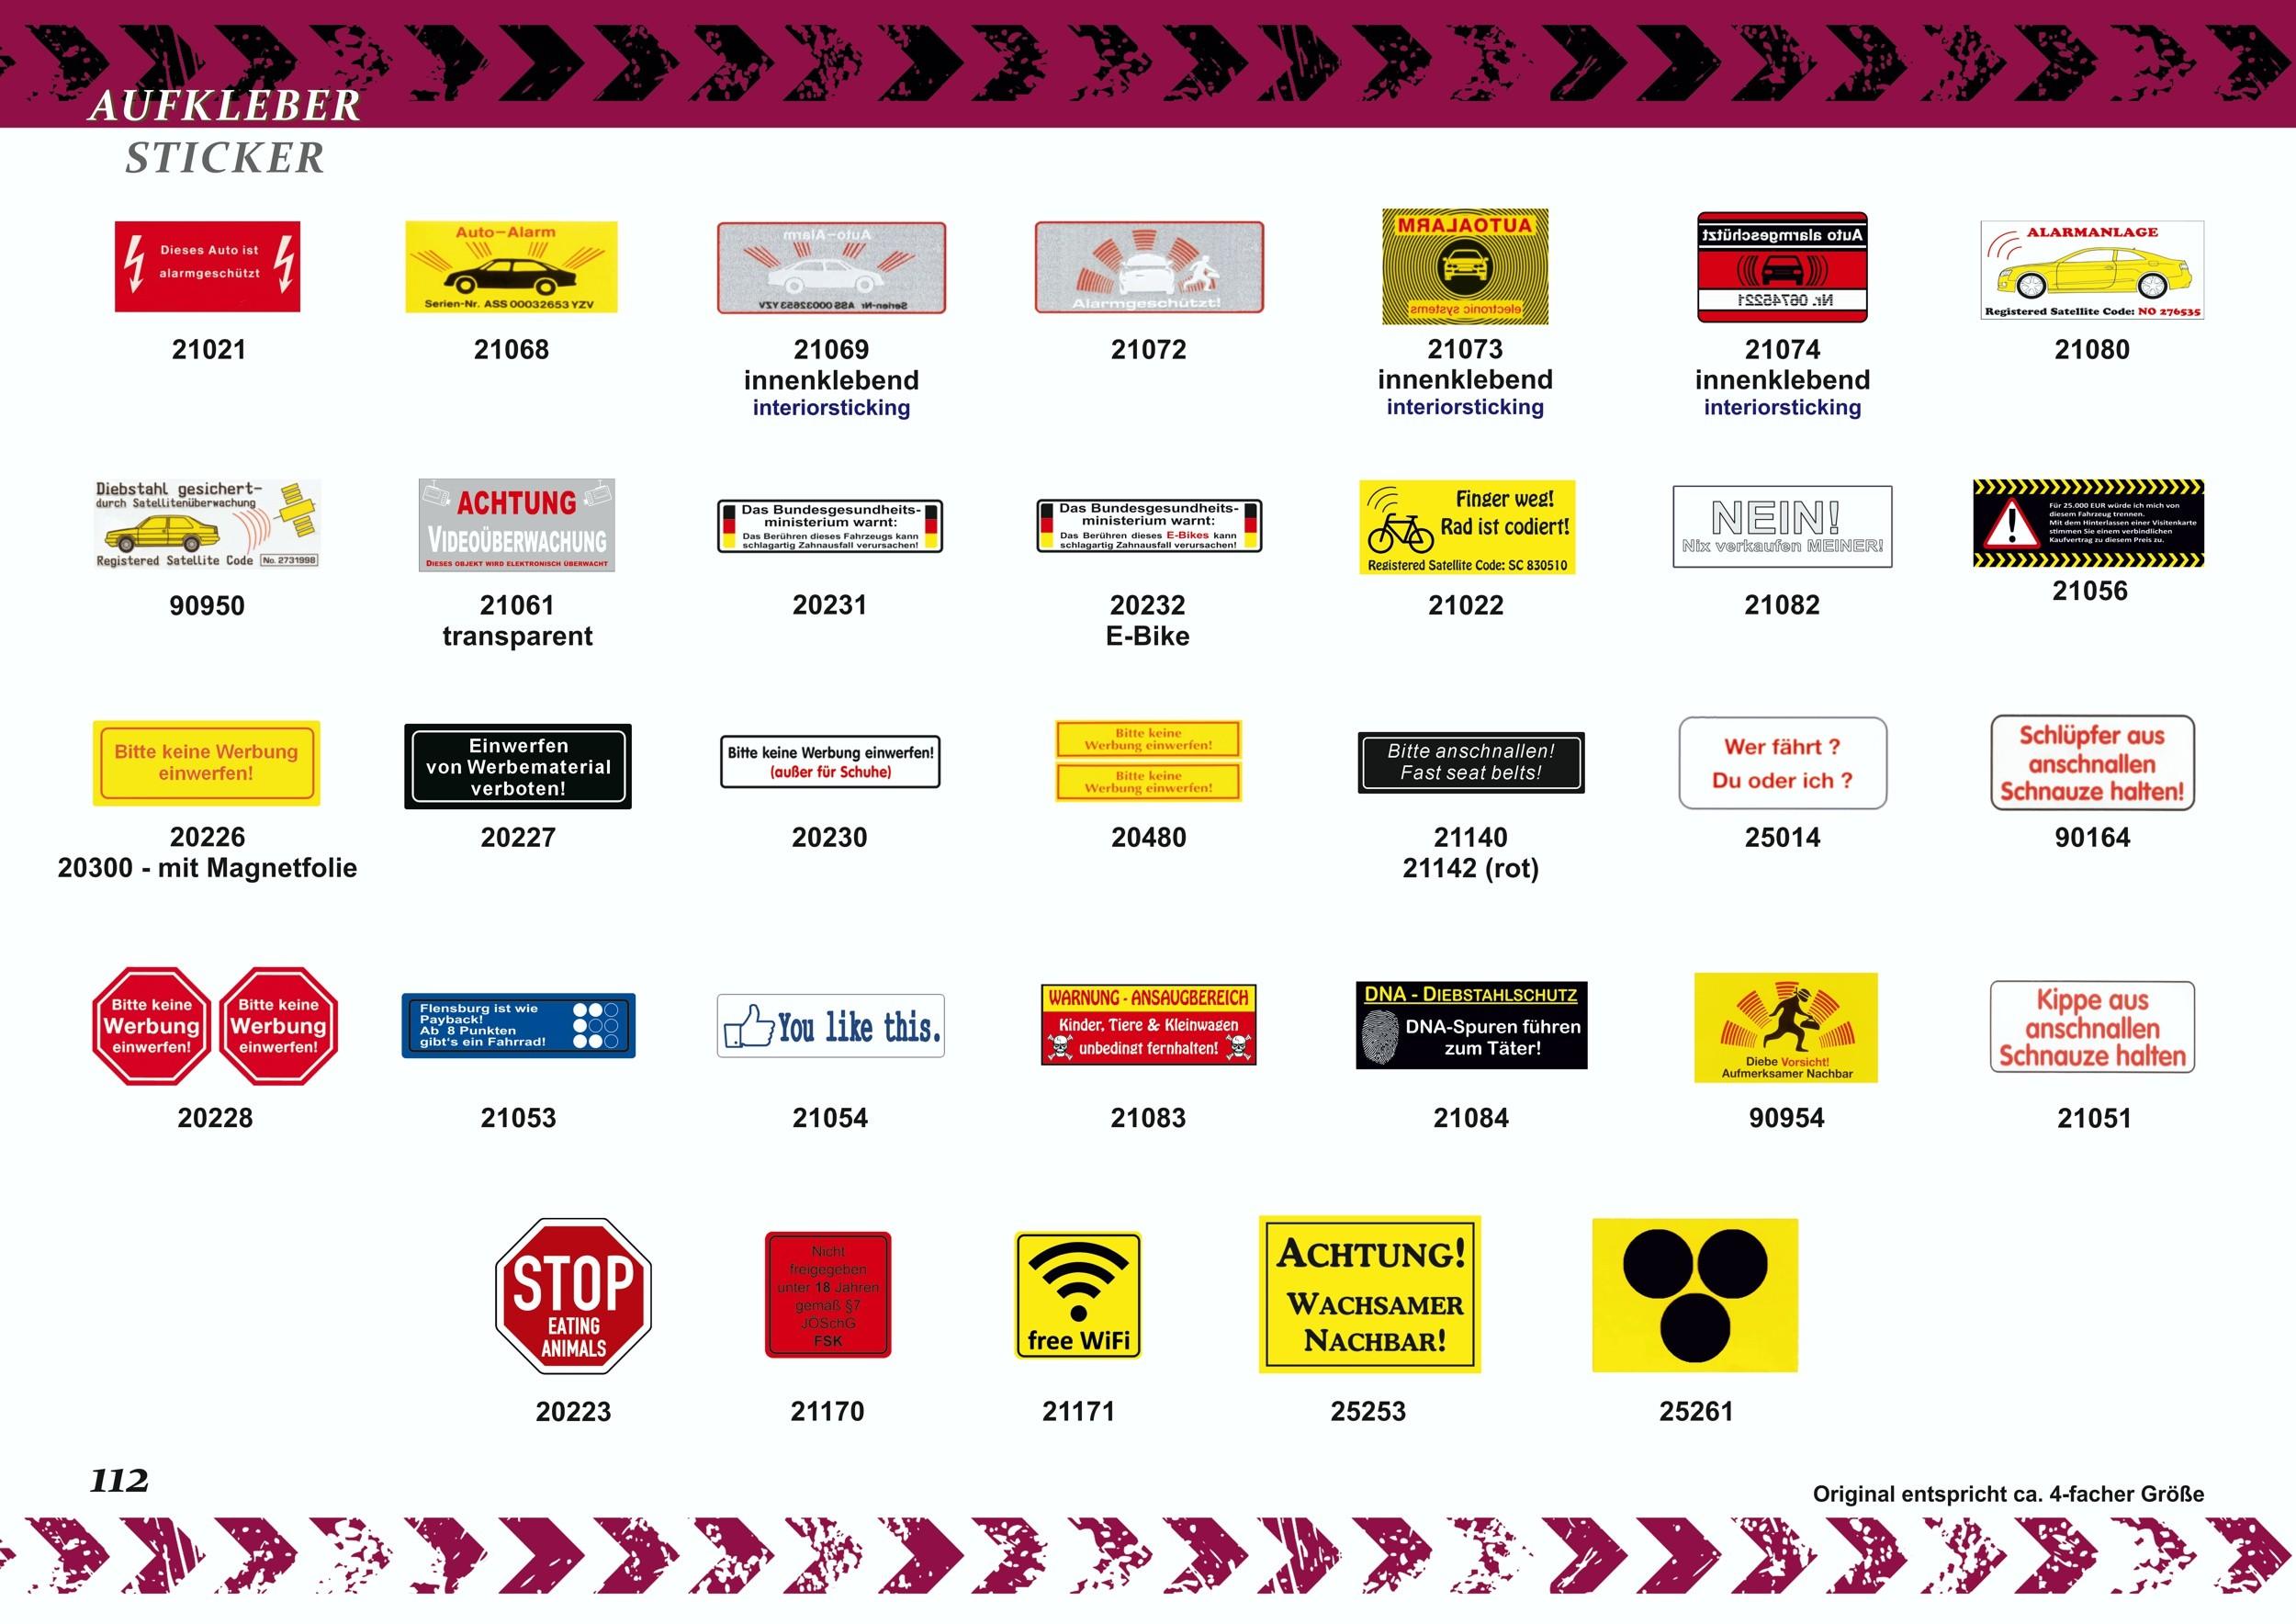 Sticker smoking area Set of 3 pieces 145 x 110 mm – Bild 3